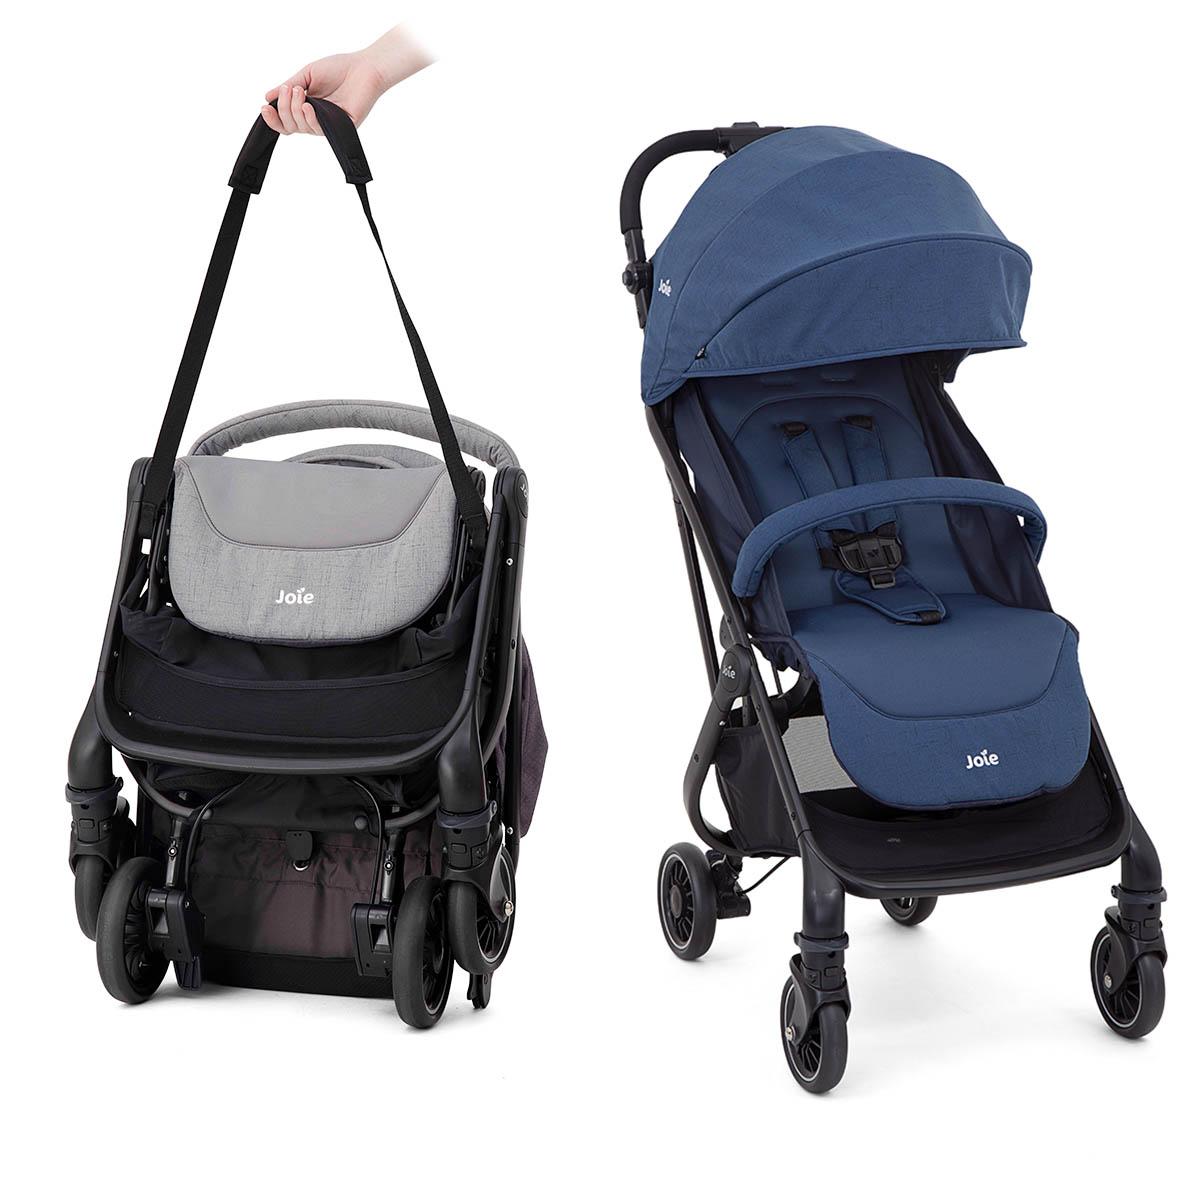 做咗人父母,都可以說走就走!因為而家嬰兒車設計已大不同,單手按掣即可「變身」摺車入袋;自此潮媽潮爸們「帶著BB去旅行」就有好「旅伴」啦~